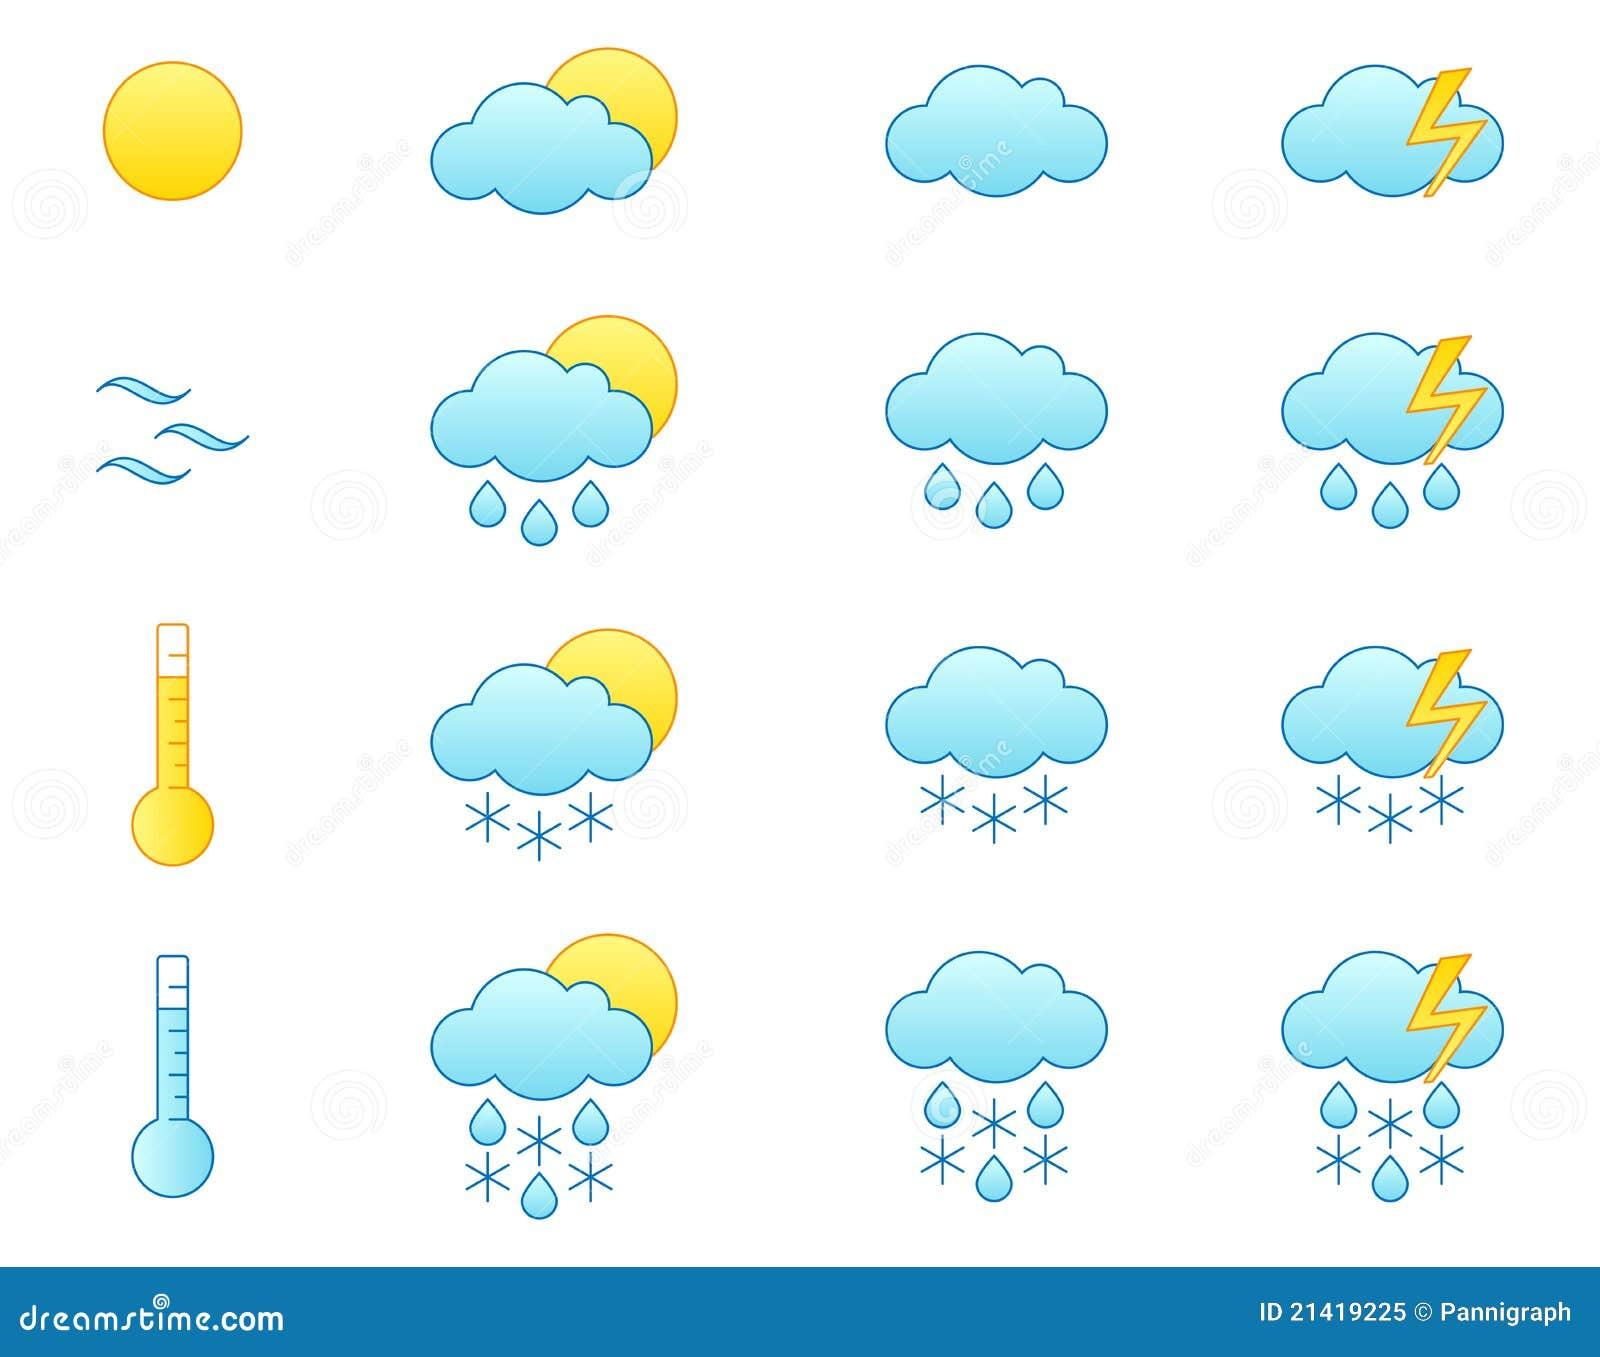 Weather Forecast Icon Set Royalty Free Stock Photo - Image ...  Weather Forecas...